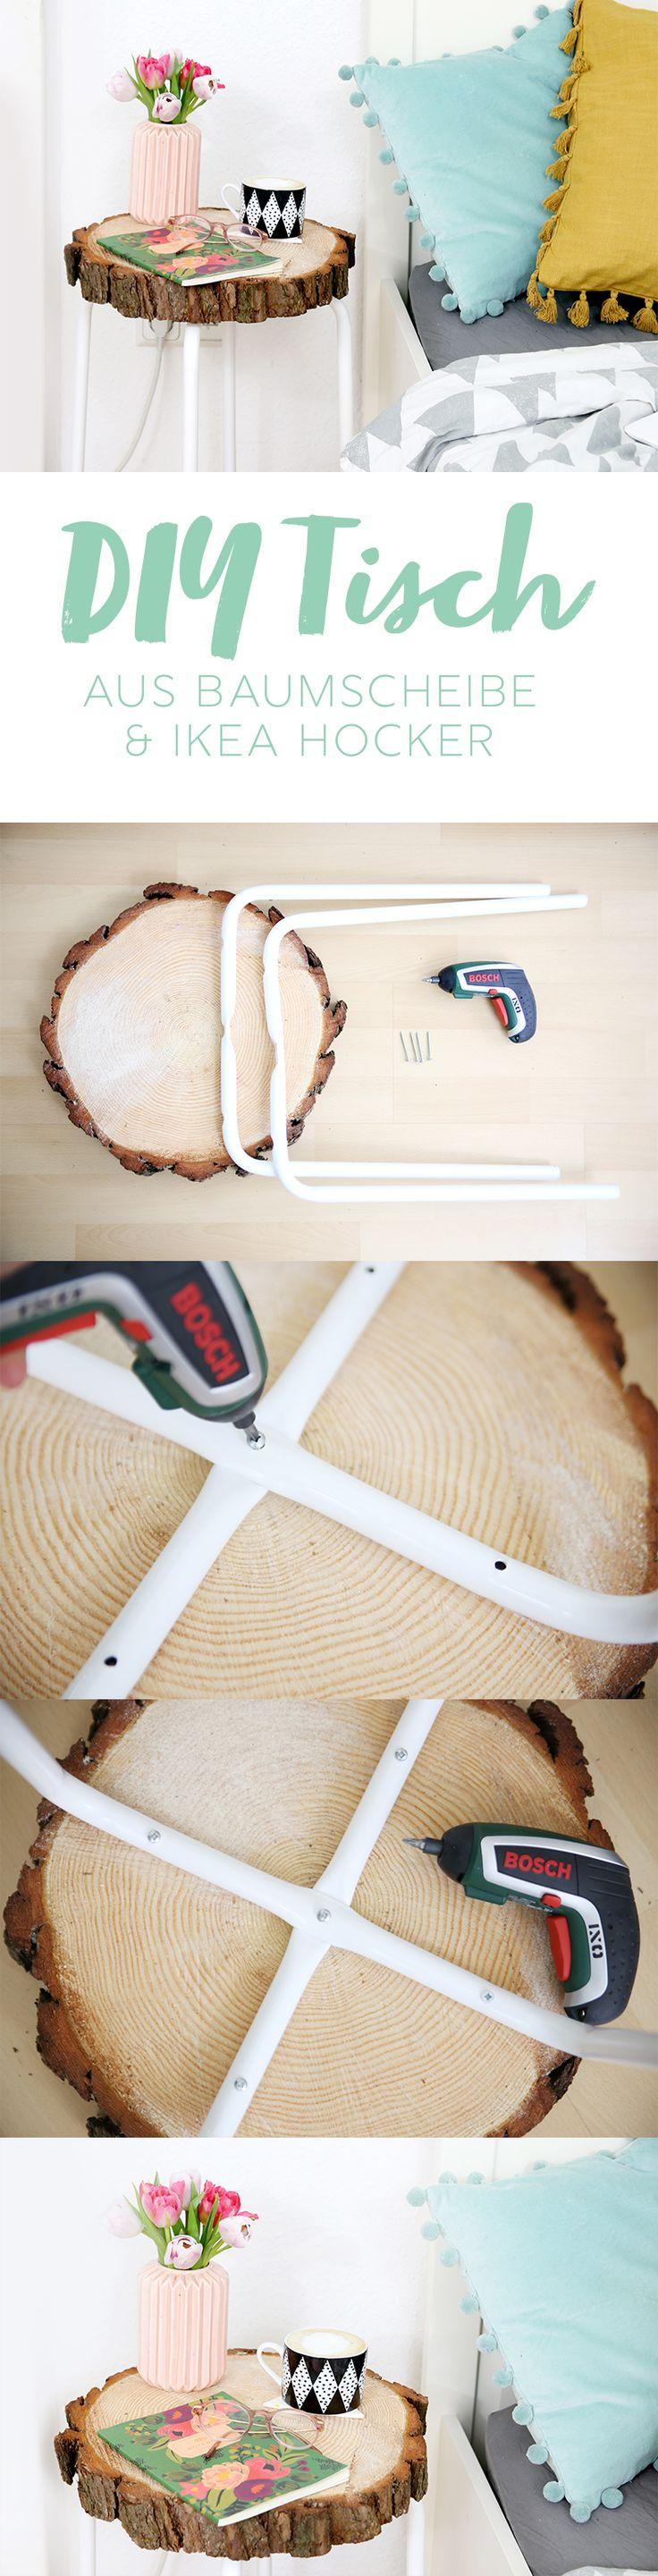 {DIY} Beistelltisch aus Baumscheibe und Ikea-Hocker